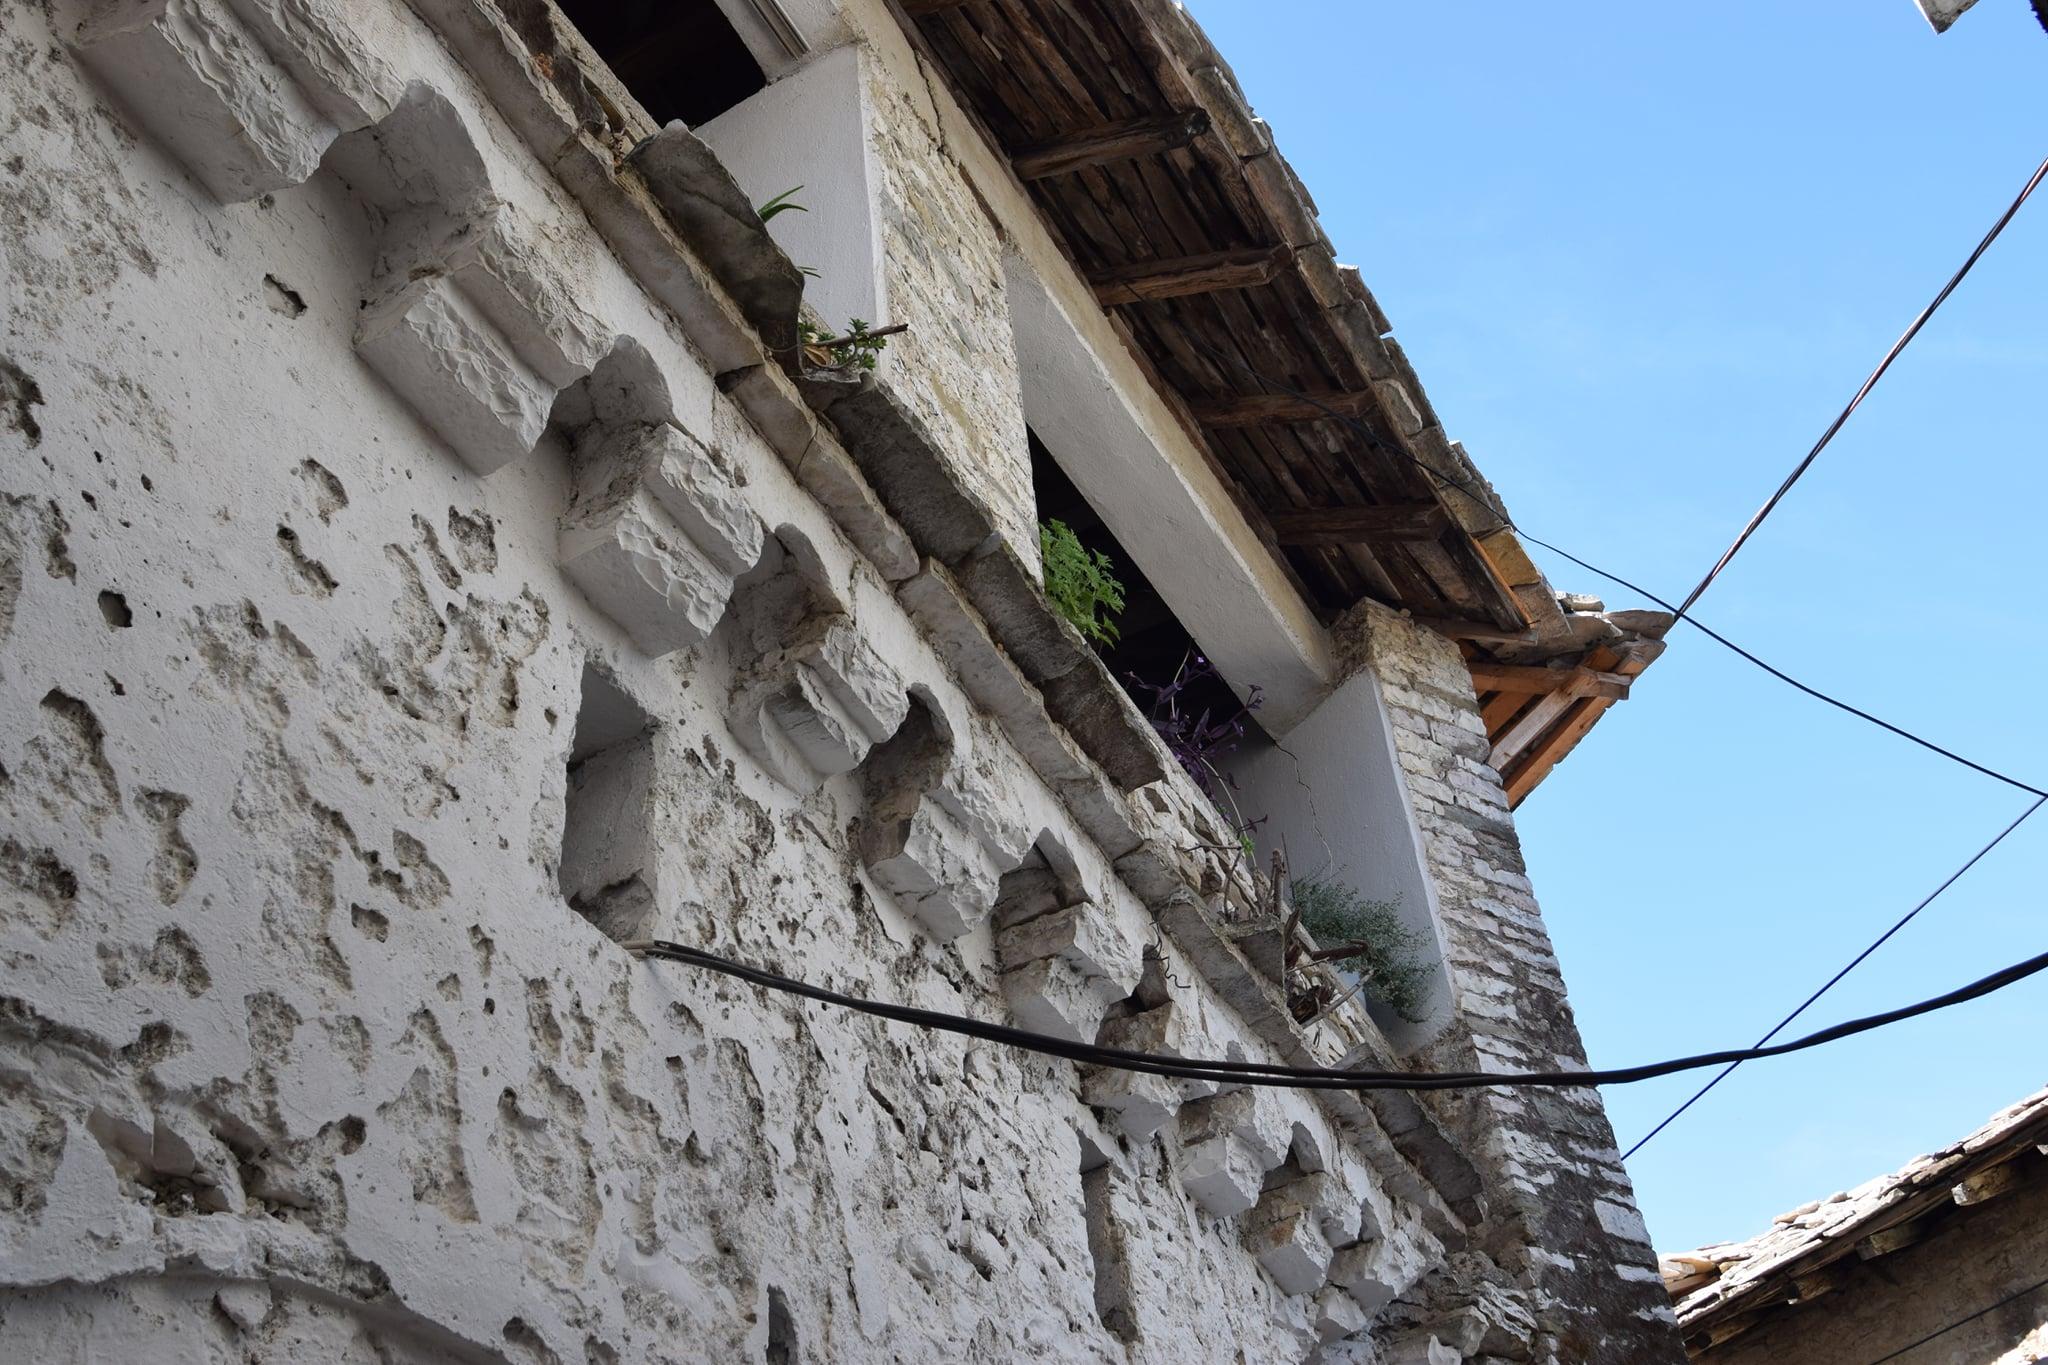 Frigoriferet ne shtepite 300 vjecare te qytetit te Gjirokastres